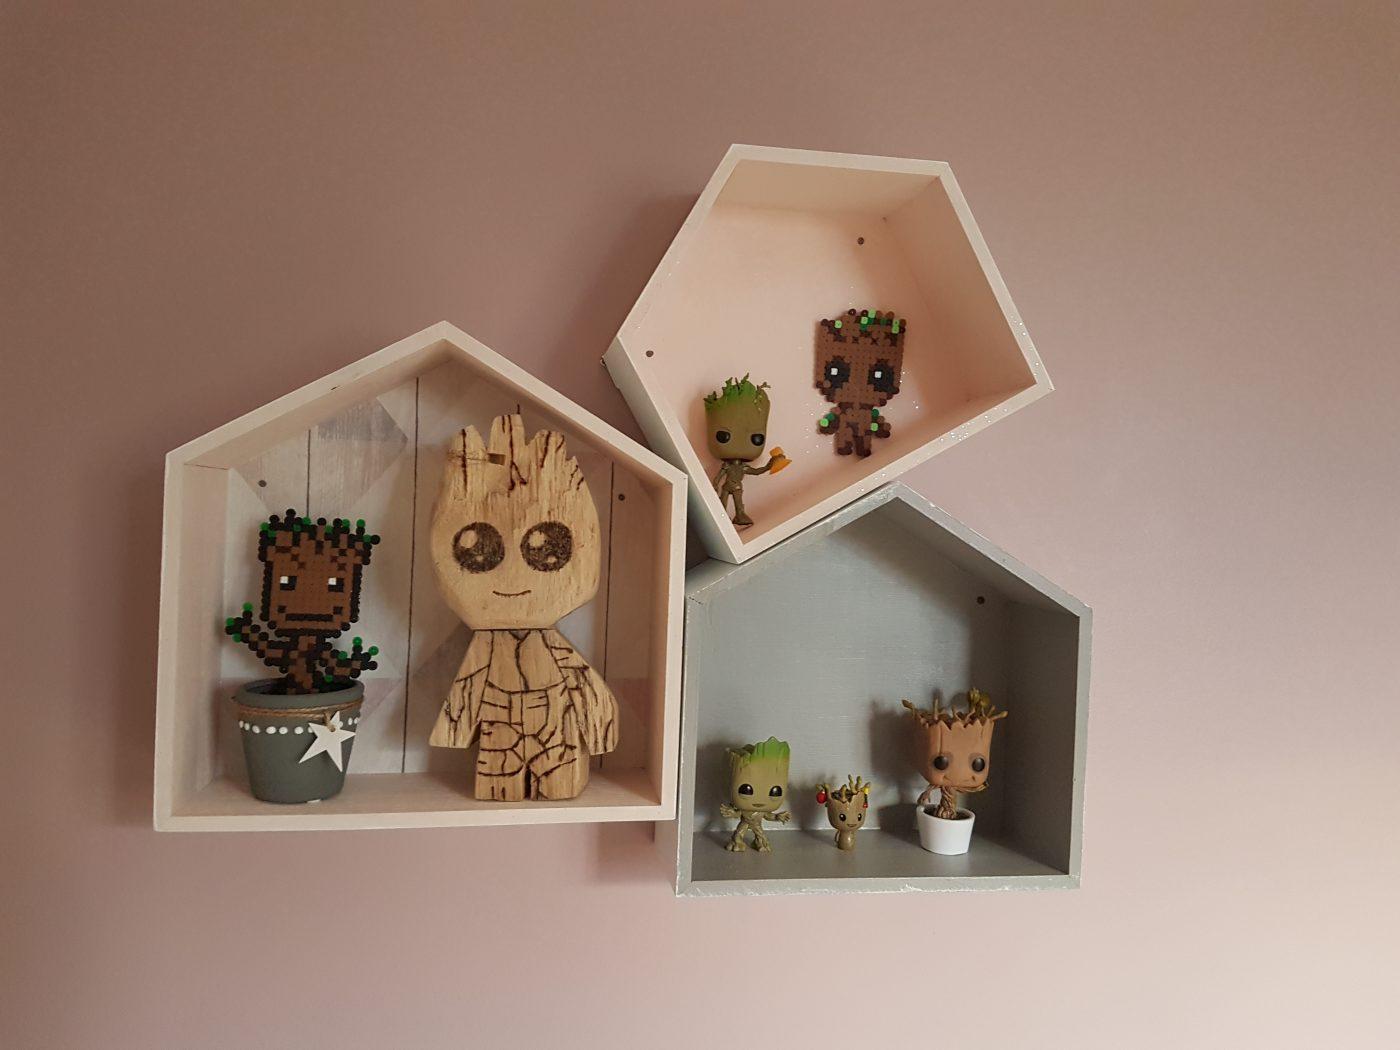 J'ai testé pour vous set 3 étagères maison en bois